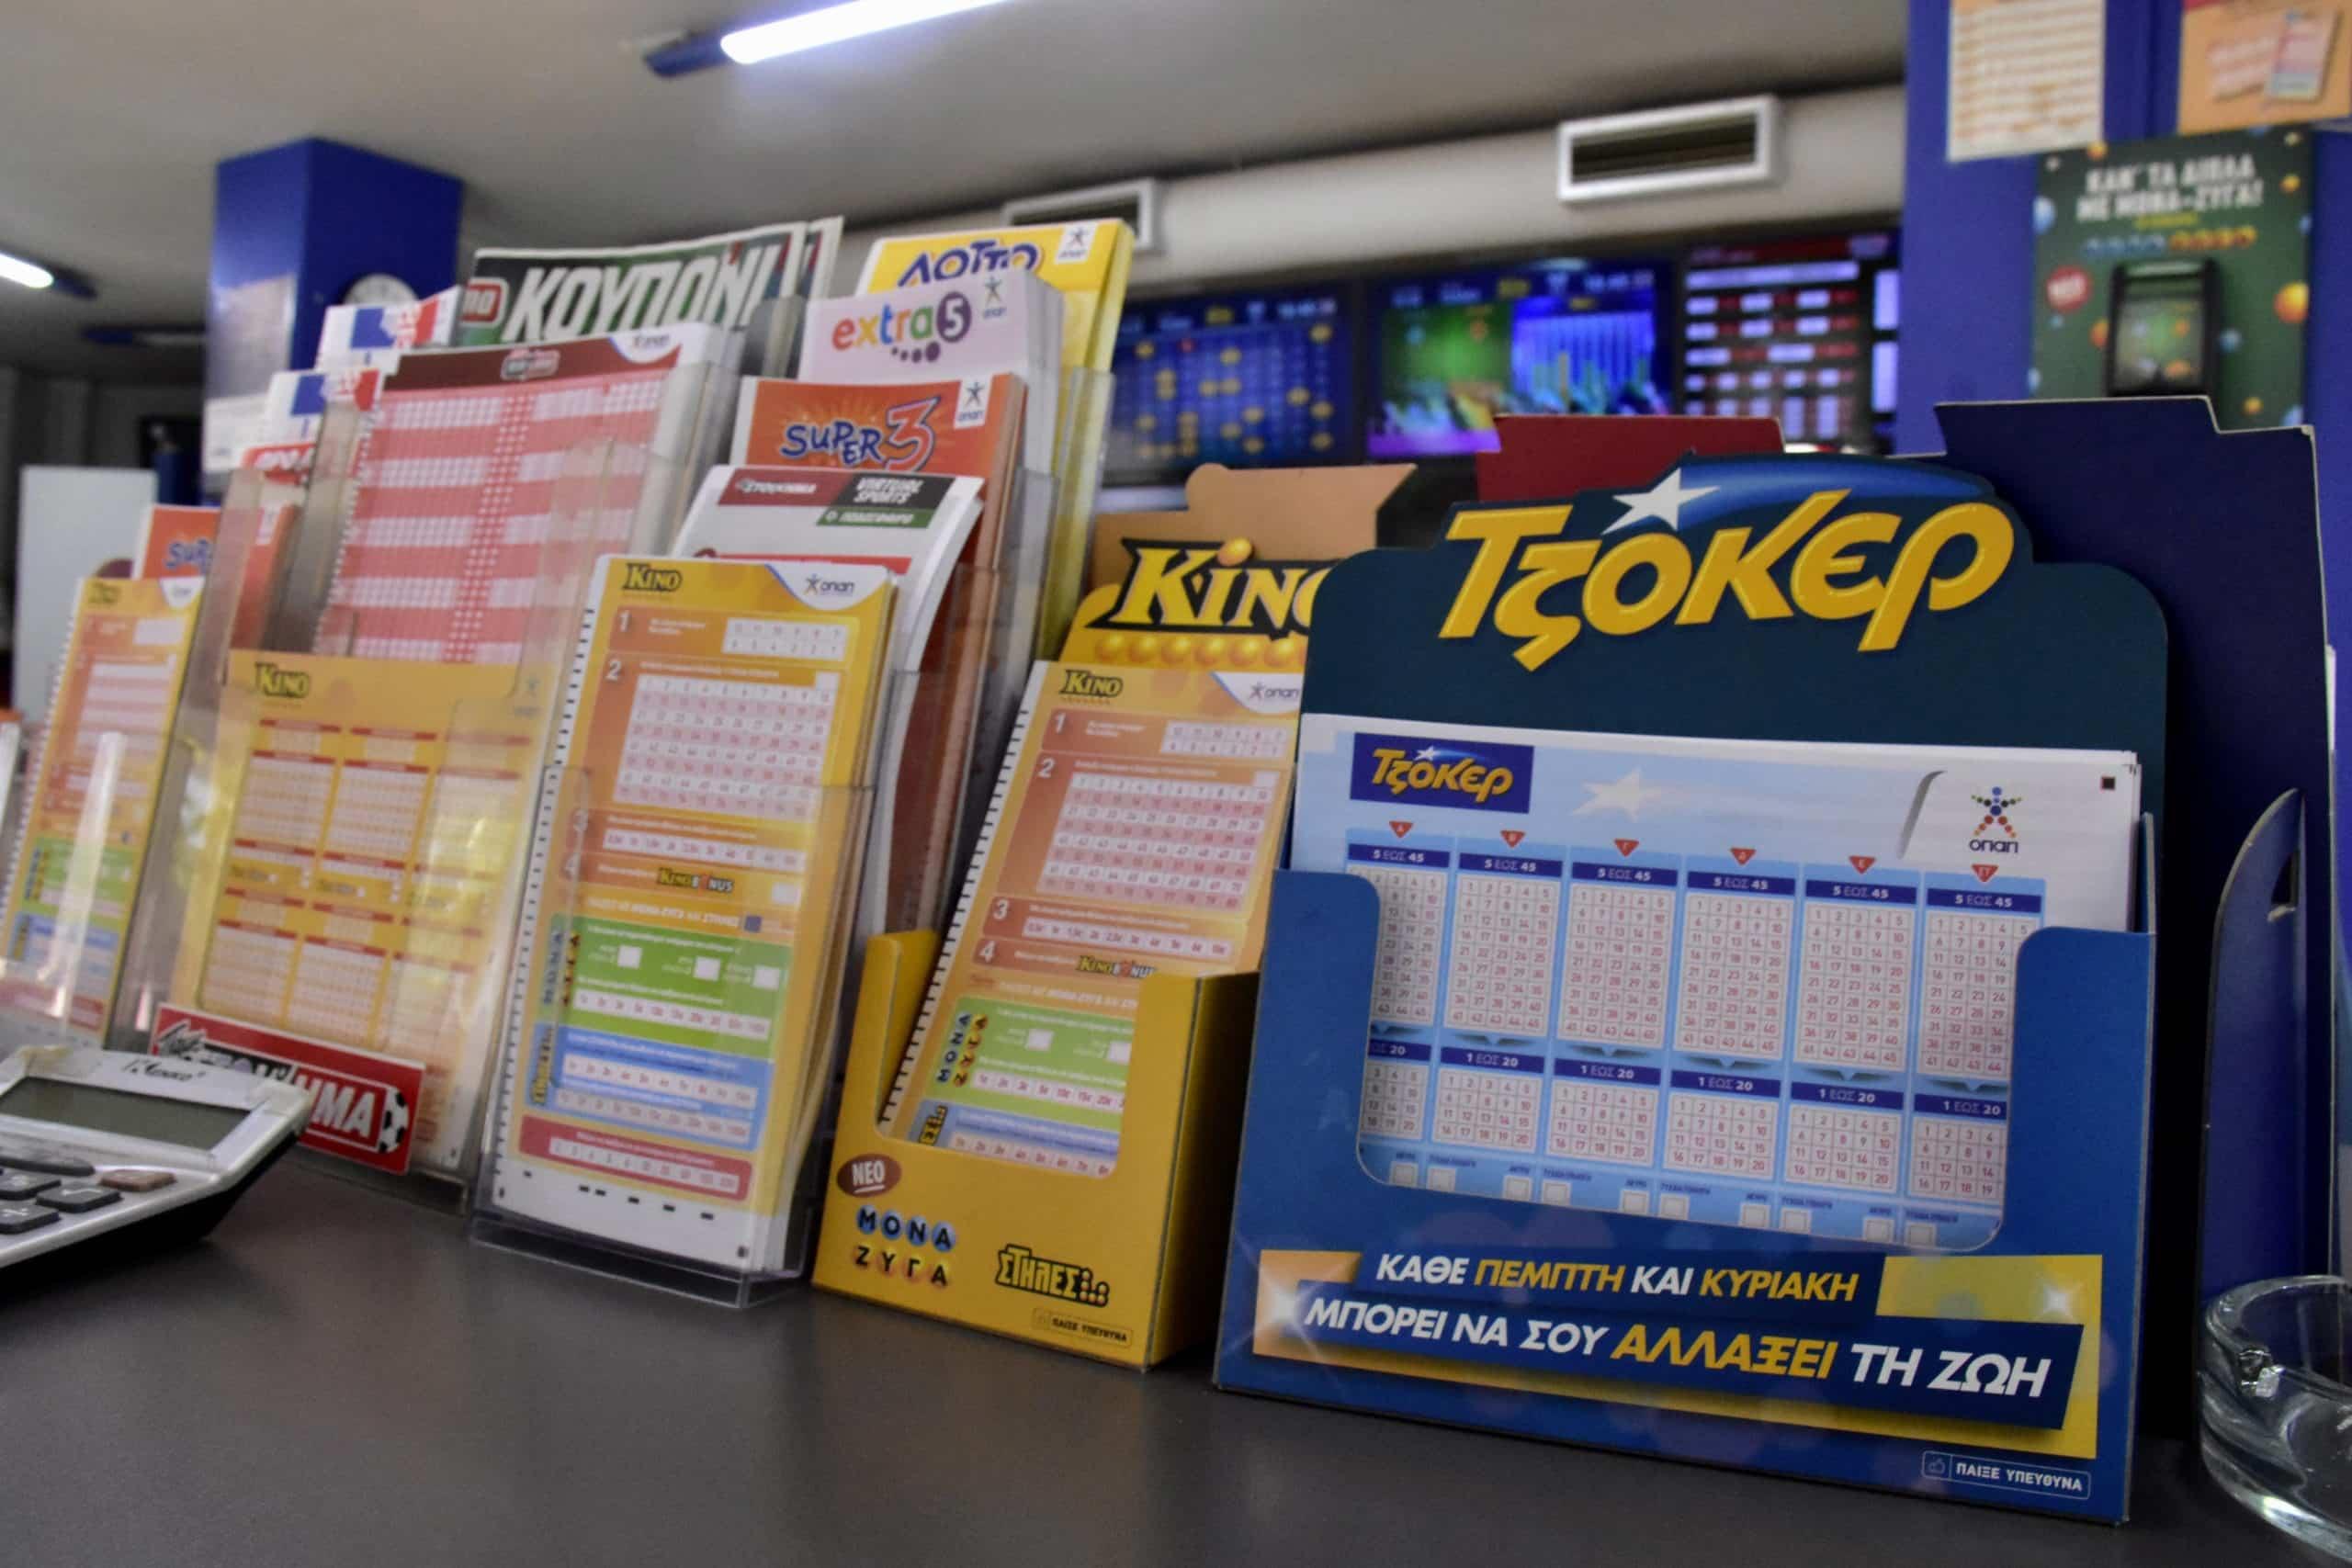 Κλήρωση Τζόκερ 7/7 Αποτελέσματα - Τυχεροί αριθμοί Ποια Νούμερα ανέδειξε σήμερα η κληρωτίδα του ΟΠΑΠ για το Joker Κλήρωση Τζόκερ 28/5 Αποτελέσματα Τυχεροί αριθμοί tzoker - Δείτε τα νούμερα που ανέδειξε η κληρωτίδα σήμερα και κερδίζουν πάνω από €8.000.000 Κλήρωση Τζόκερ 7/5 €4.050.000 Πότε ανοίγουν τα πρακτορεία ΟΠΑΠ